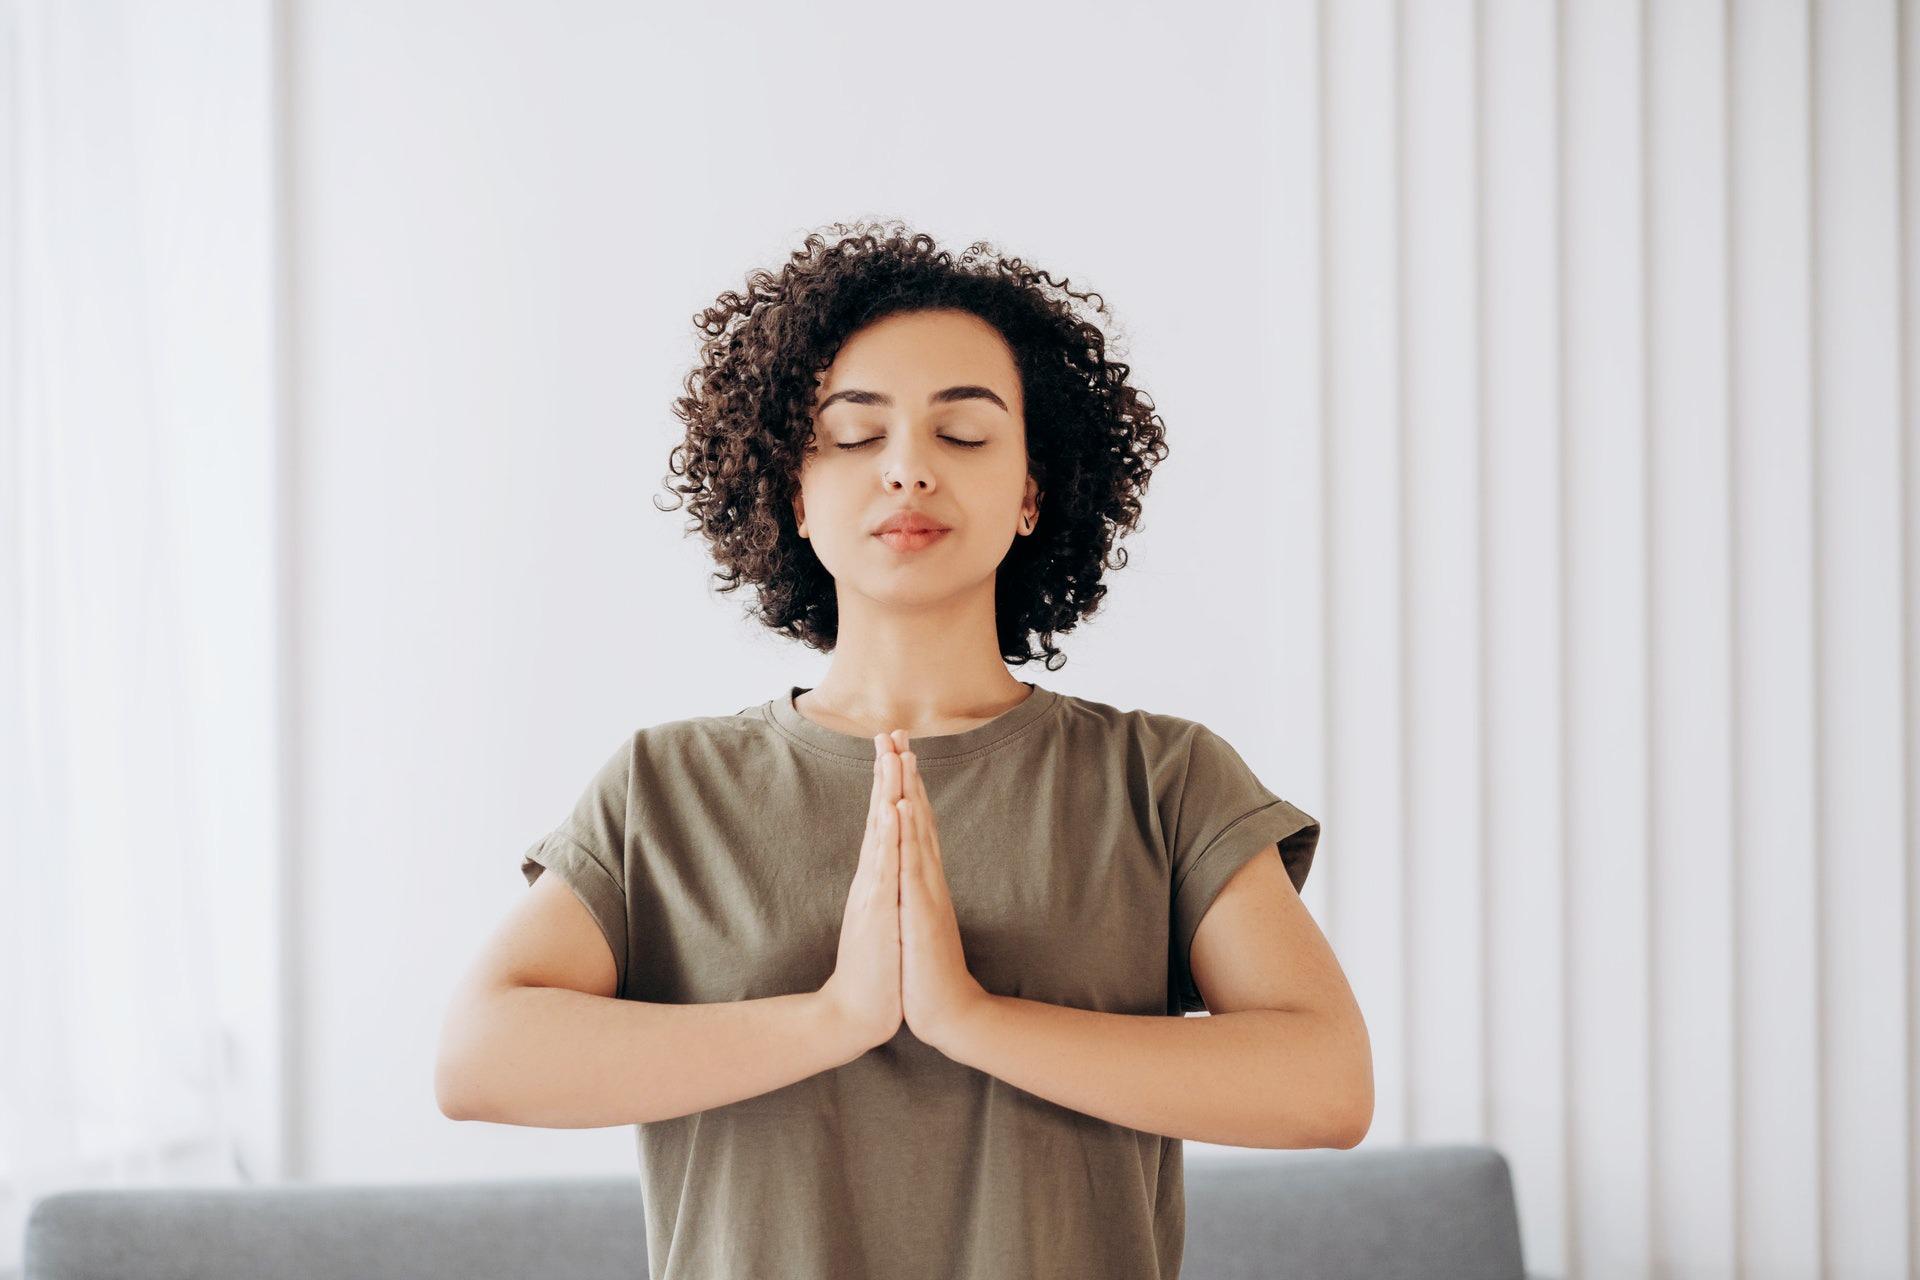 Psychische Gesundheit – wie kann man sich um sie kümmern?